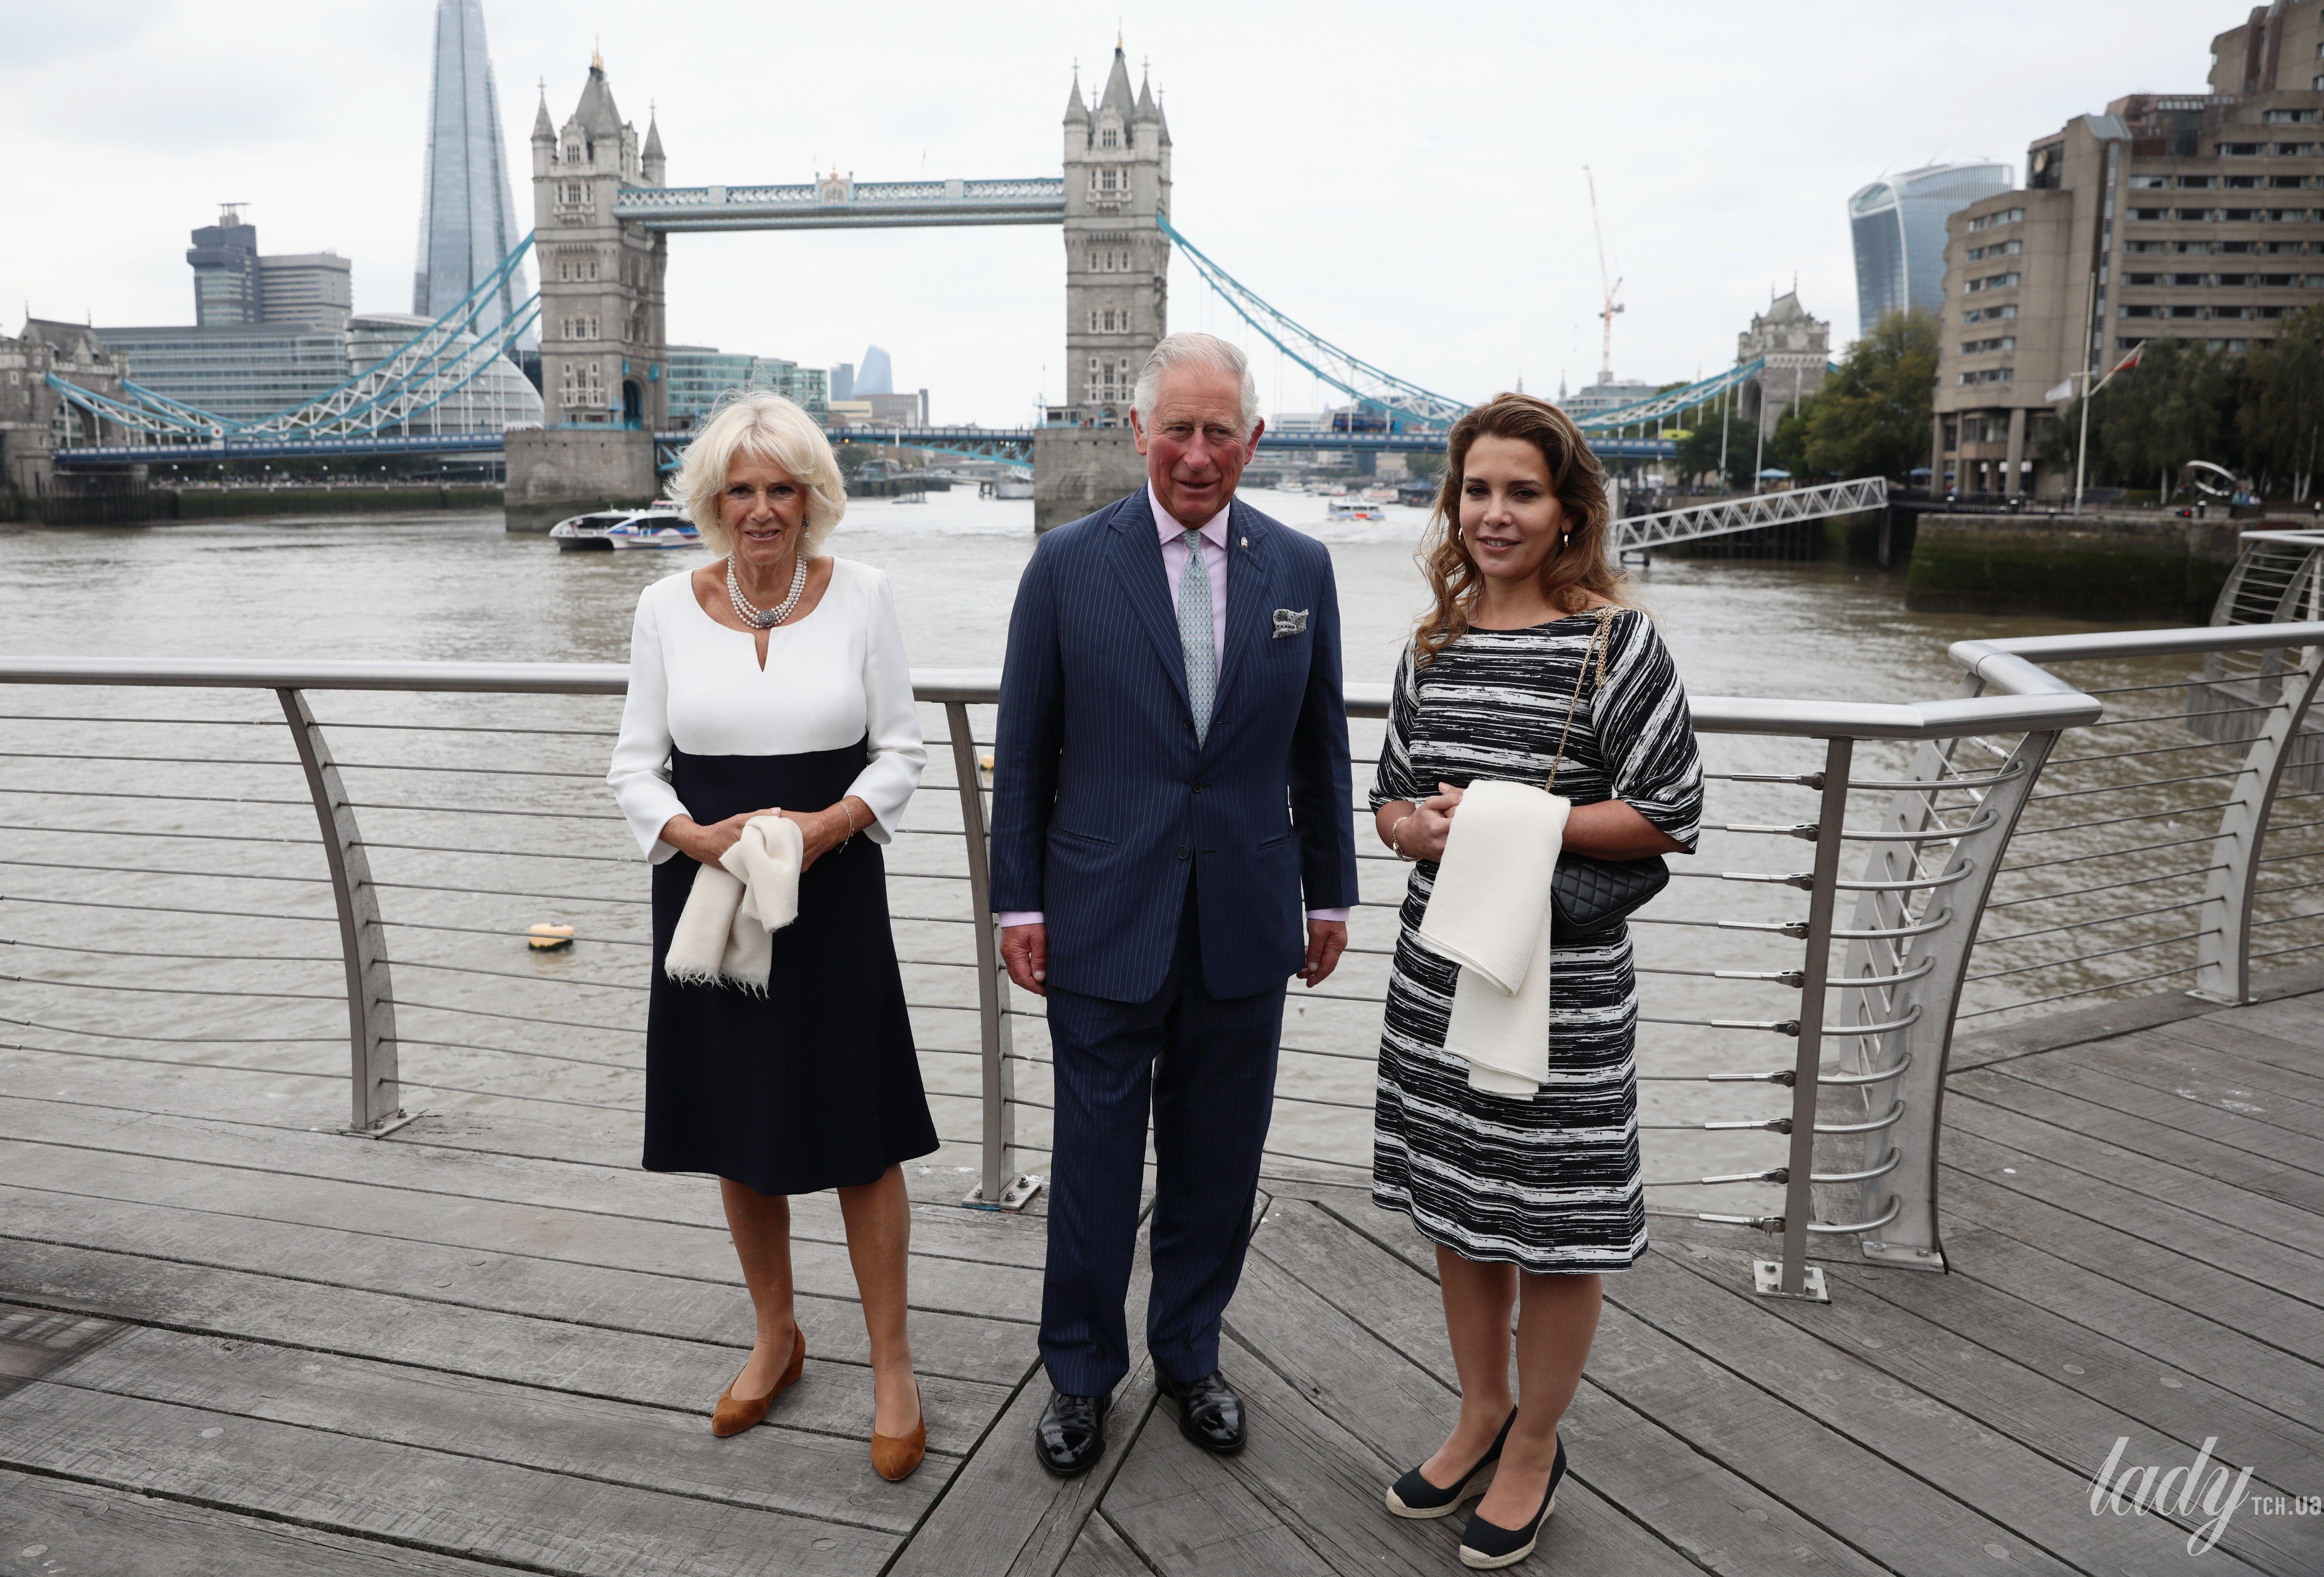 Герцогиня Корнуольская Камилла, принц Чарльз и иорданская принцесса Хайя бинт аль-Хусейн_1